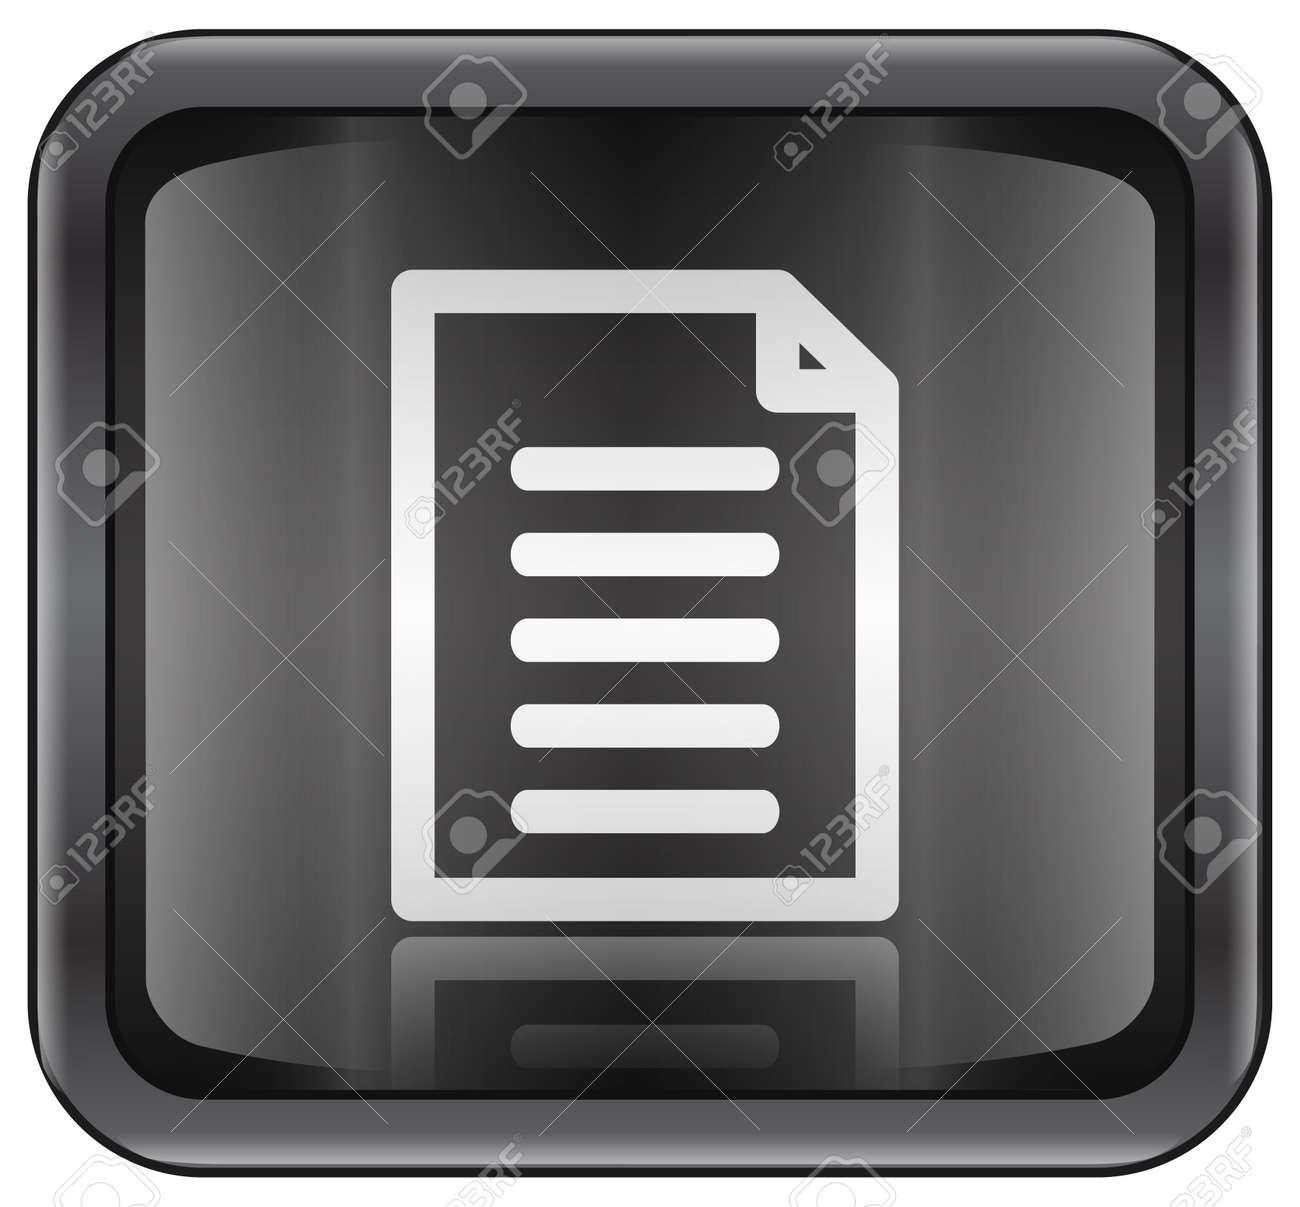 Document icon Stock Photo - 991040